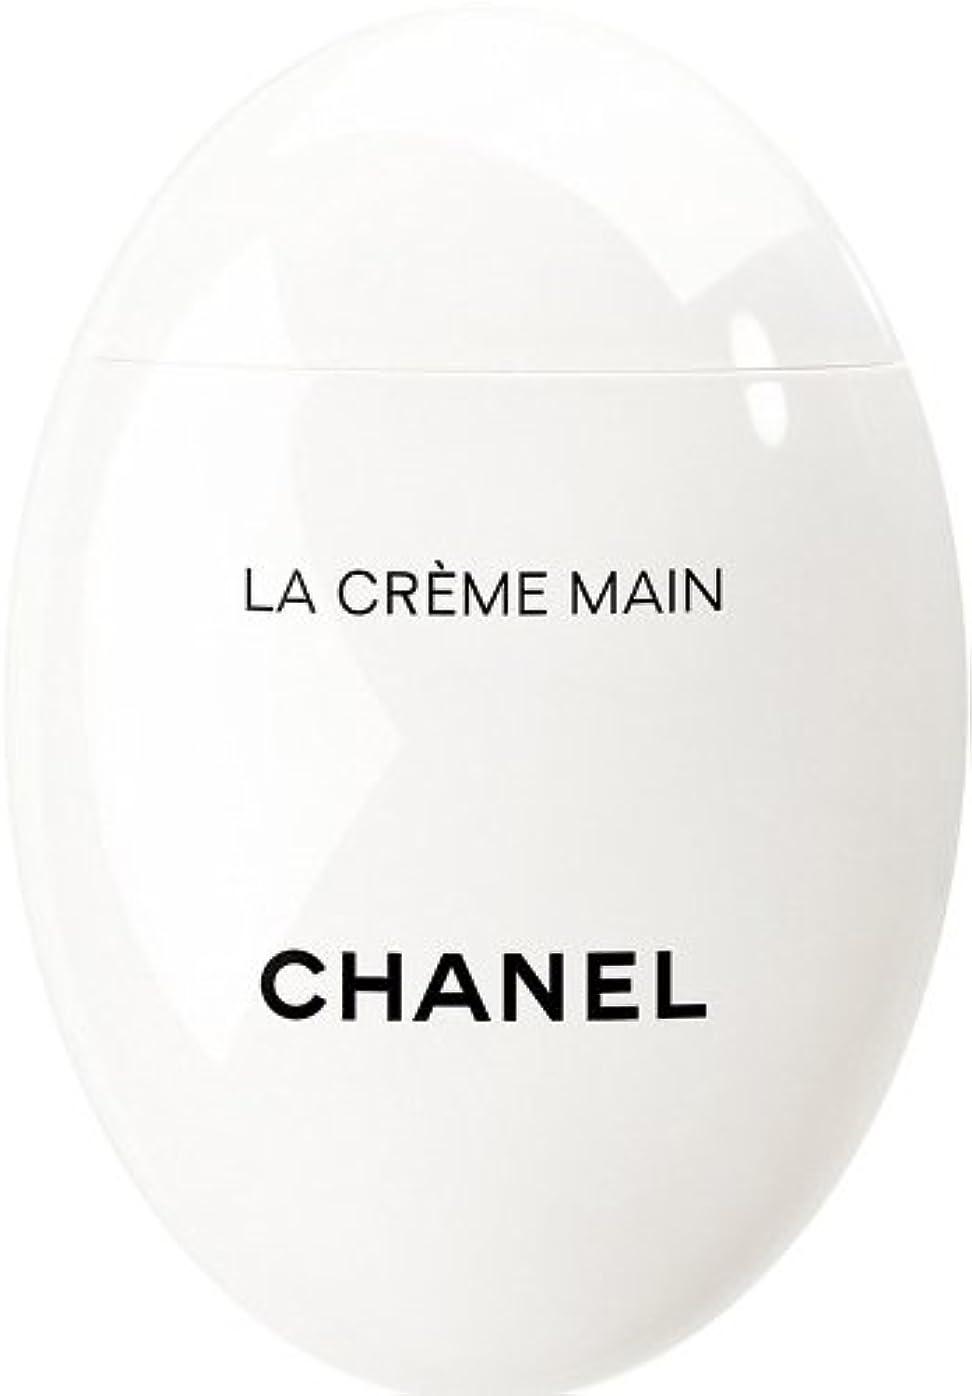 八うなずく滝CHANEL LA CRÈME MAIN シャネル ラ クレーム マン ハンドクリーム 50ml